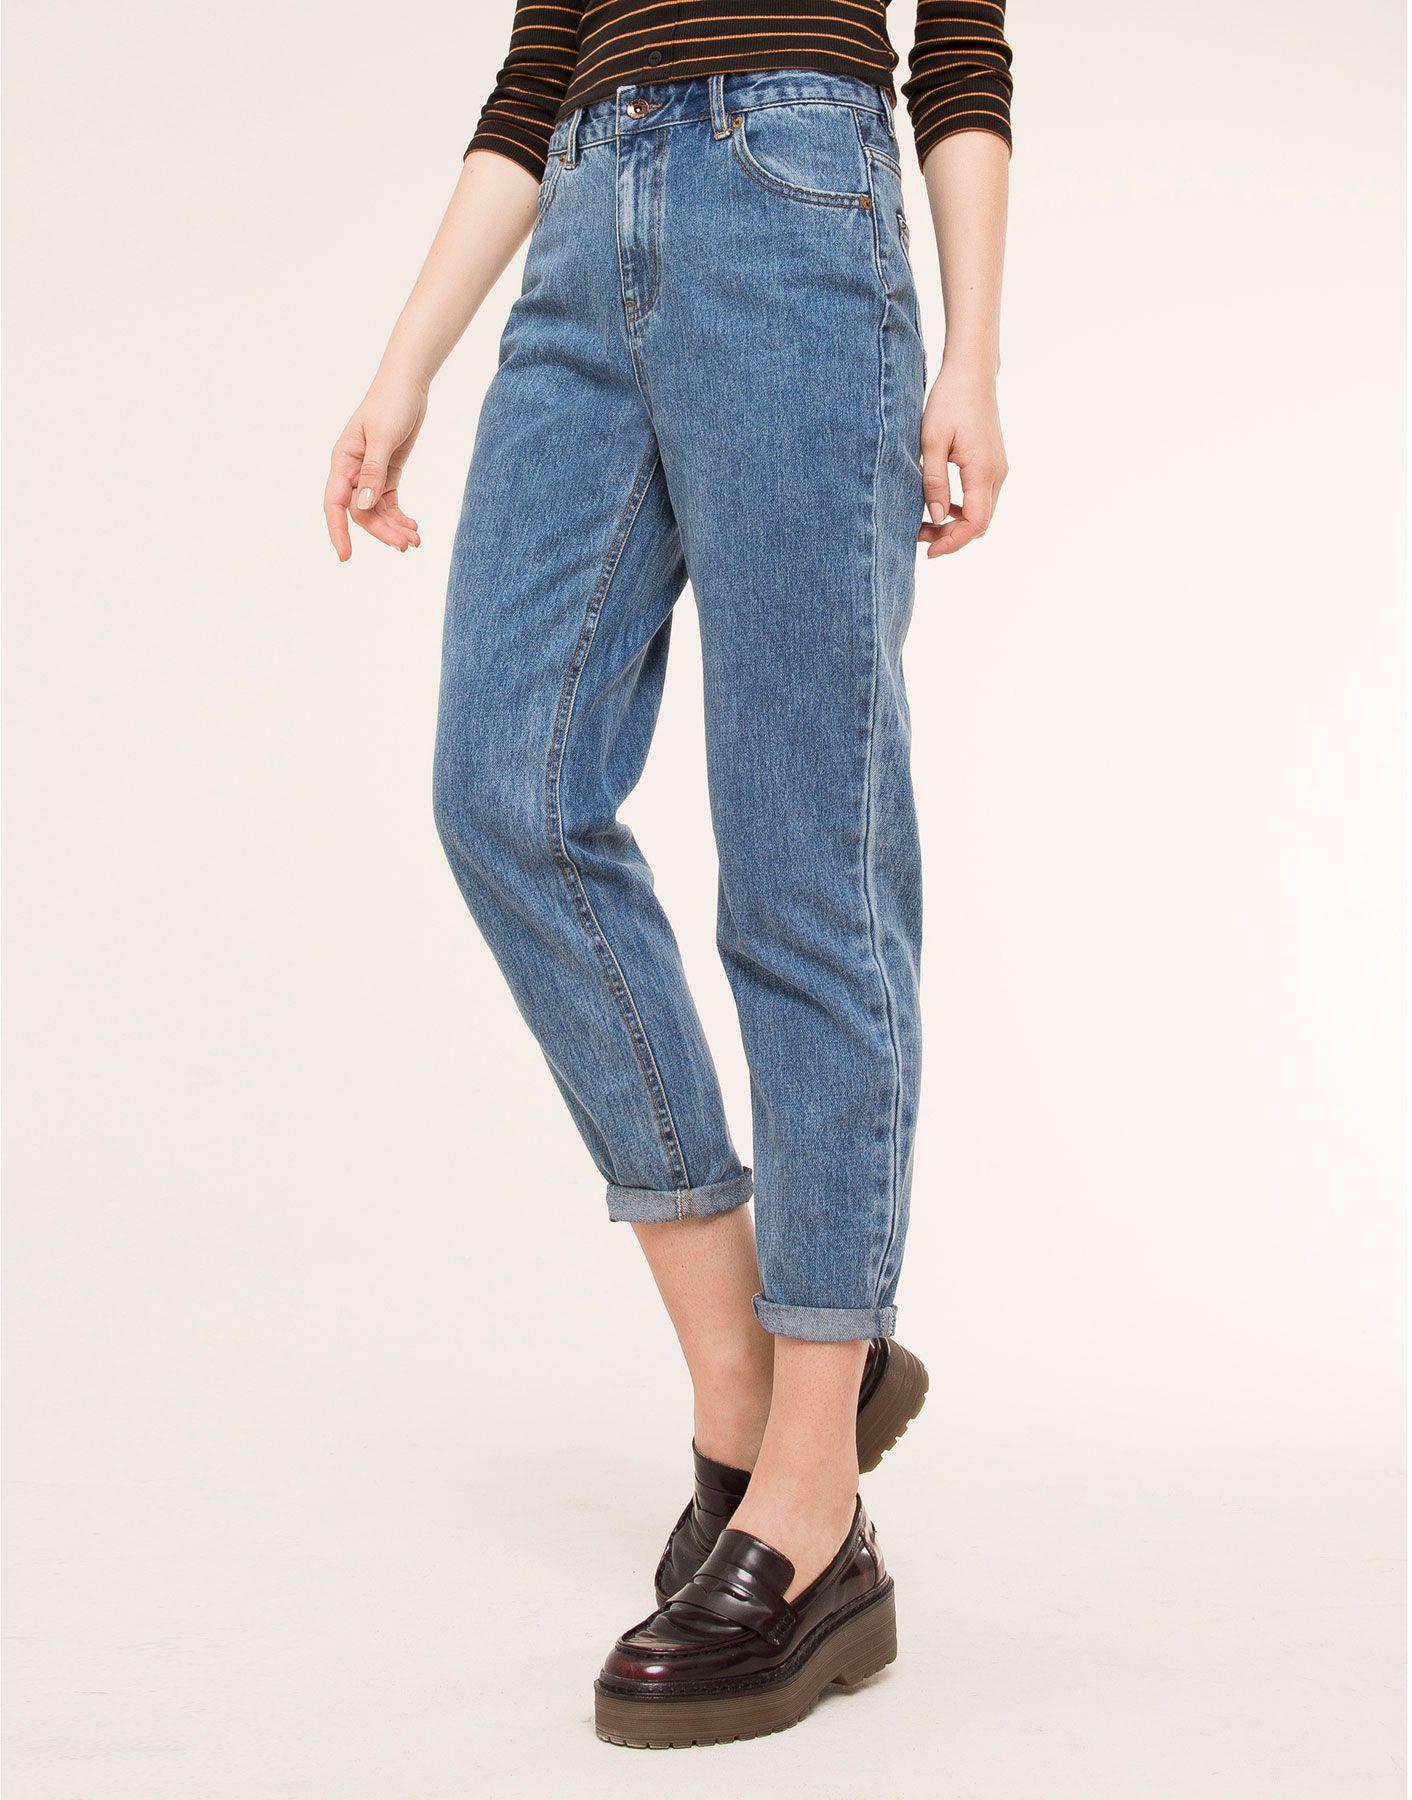 Imagen 2 de JEANS MOM FIT TIRO ALTO de Zara | Jeans de tiro